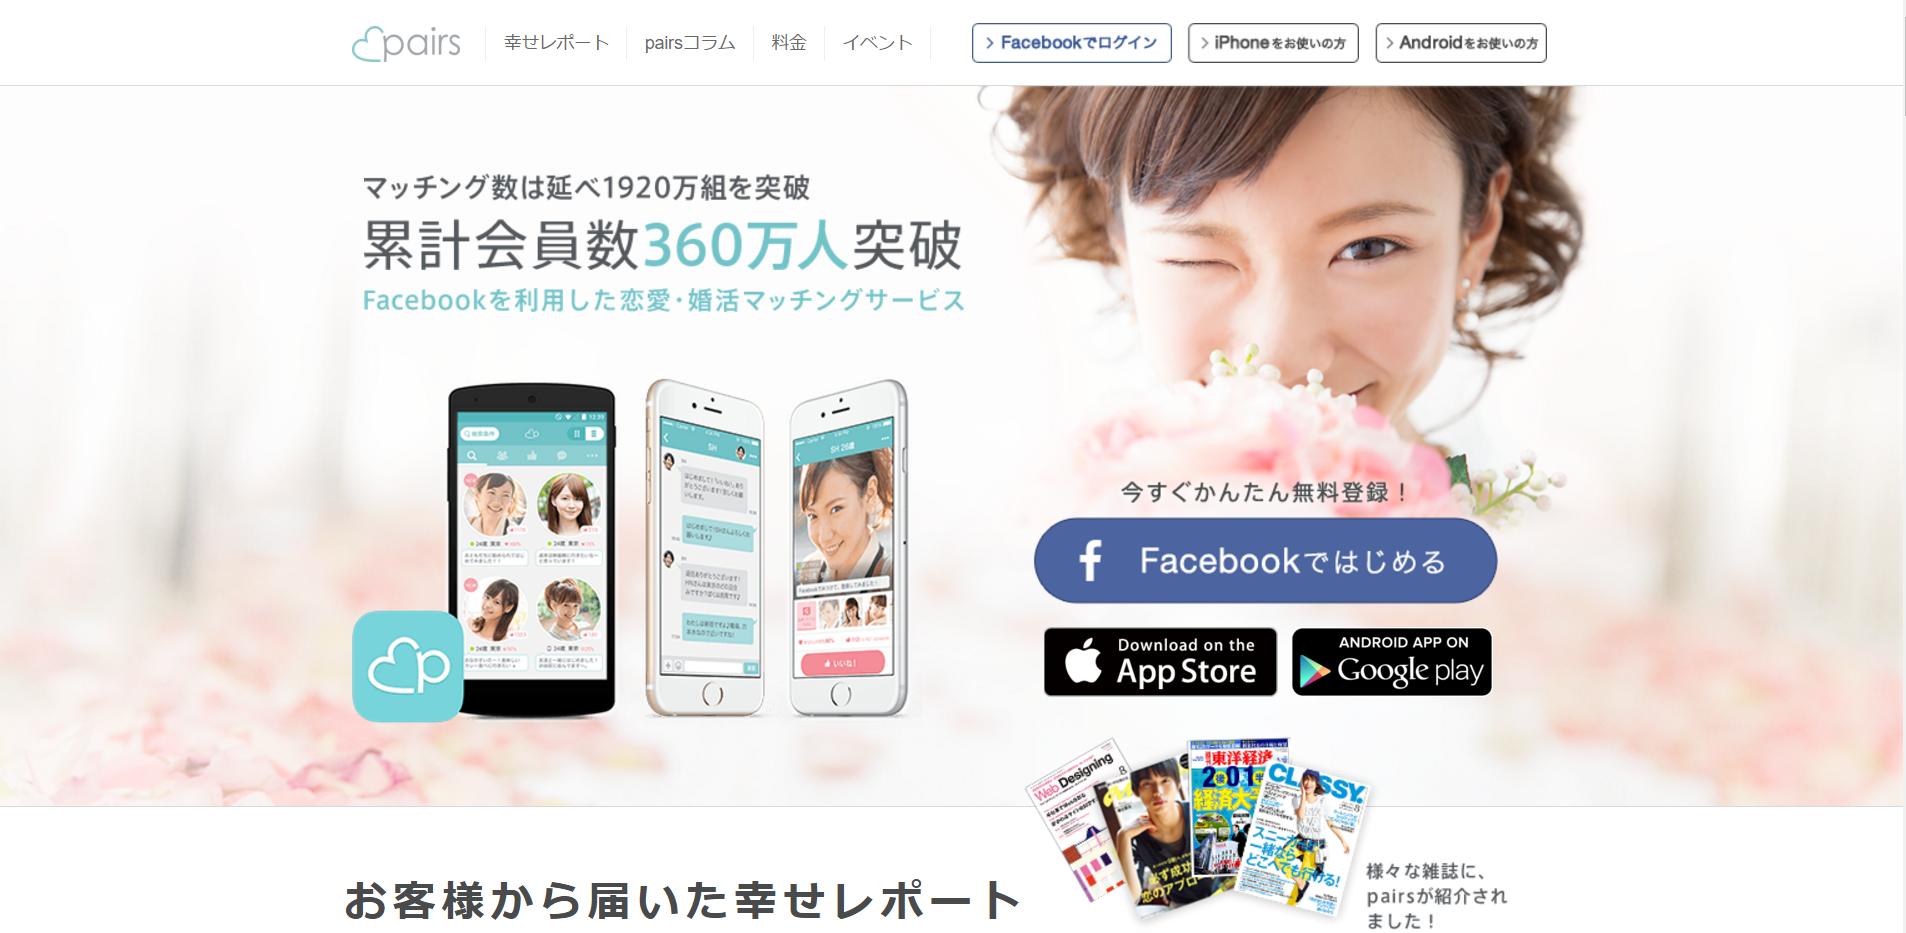 pairs ペアーズ    Facebookを利用した恋愛・婚活マッチングサービス